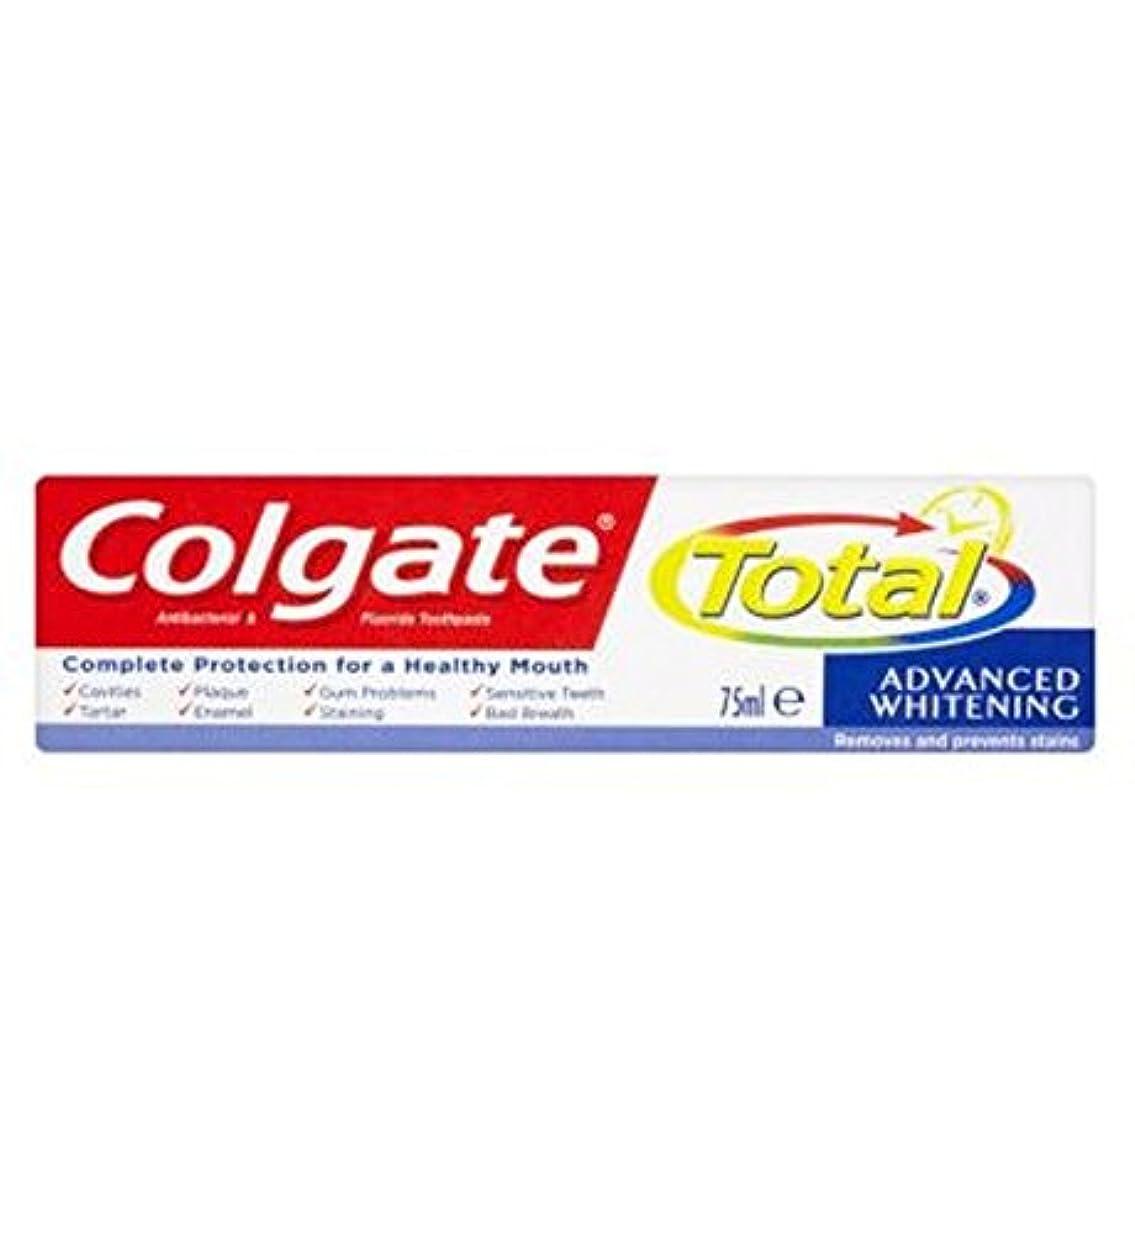 過度に富豪彼のColgate Total Advanced Whitening toothpaste 75ml - コルゲートトータル高度なホワイトニング歯磨き粉75ミリリットル (Colgate) [並行輸入品]